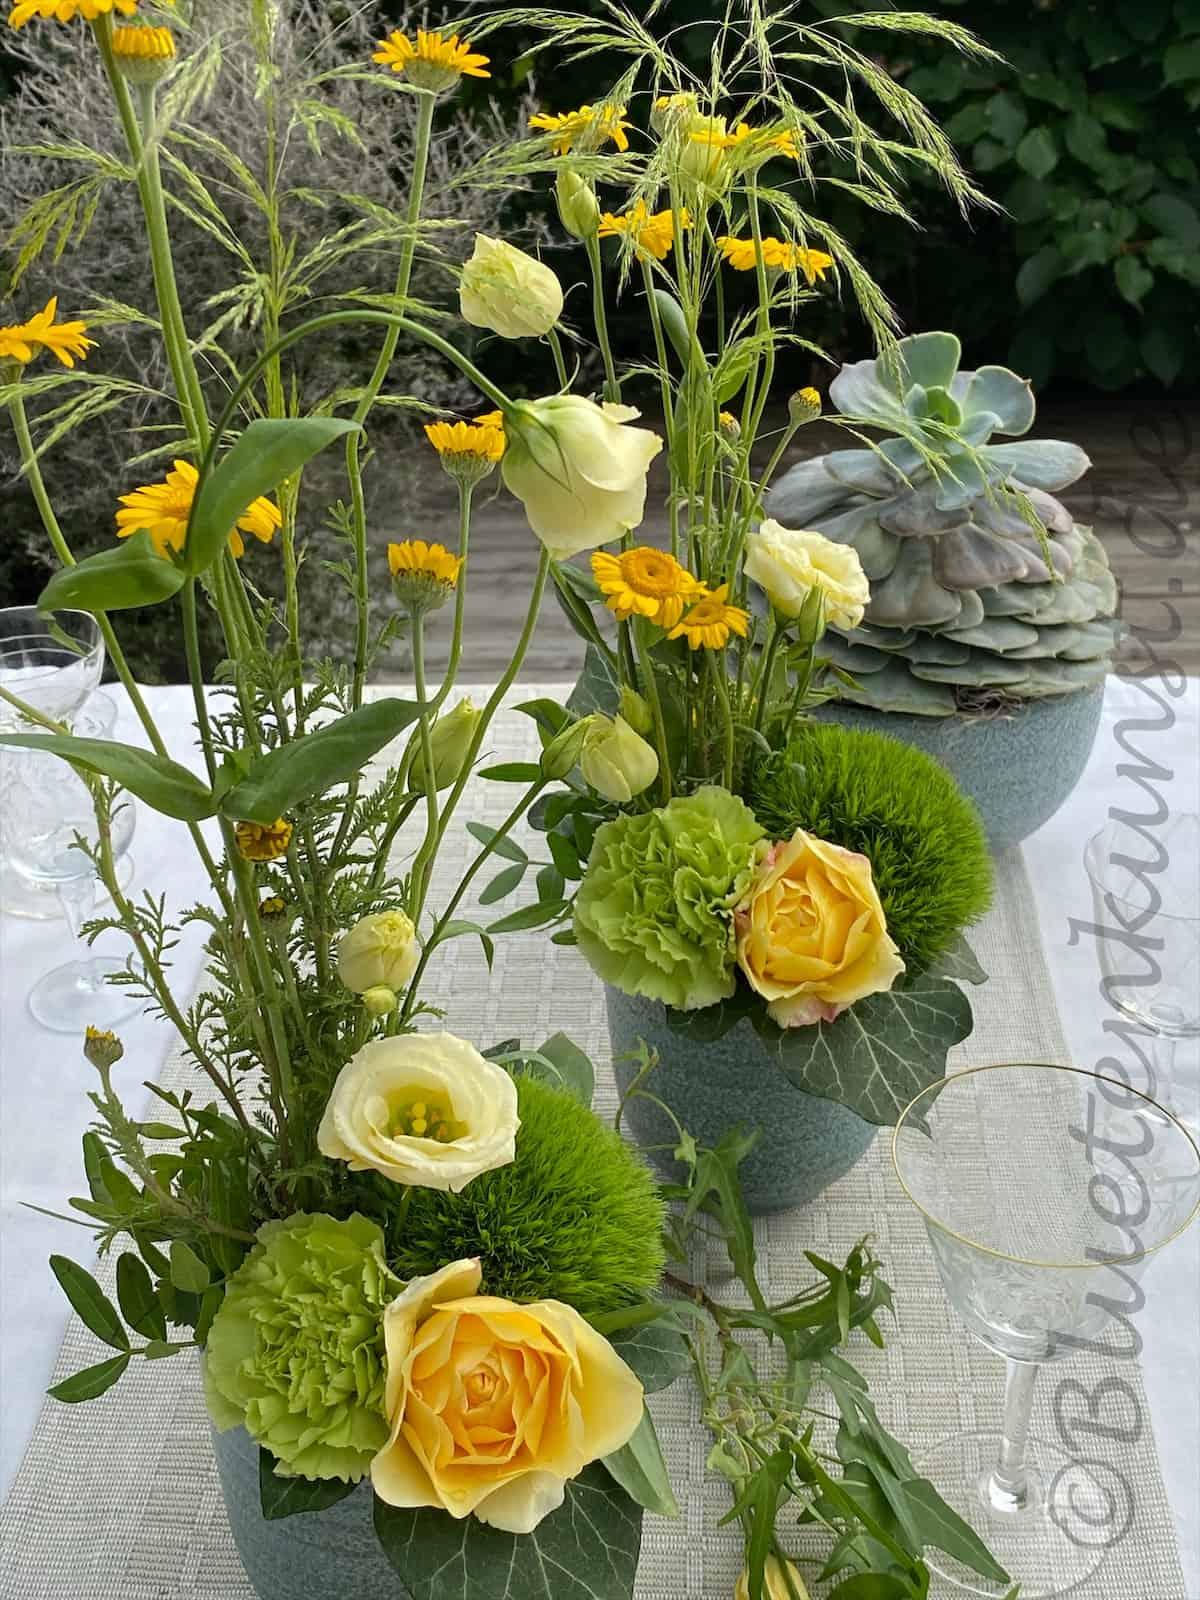 Tischdekoration Boho Style im Keramikgefäß Türkis Wiesenblumen